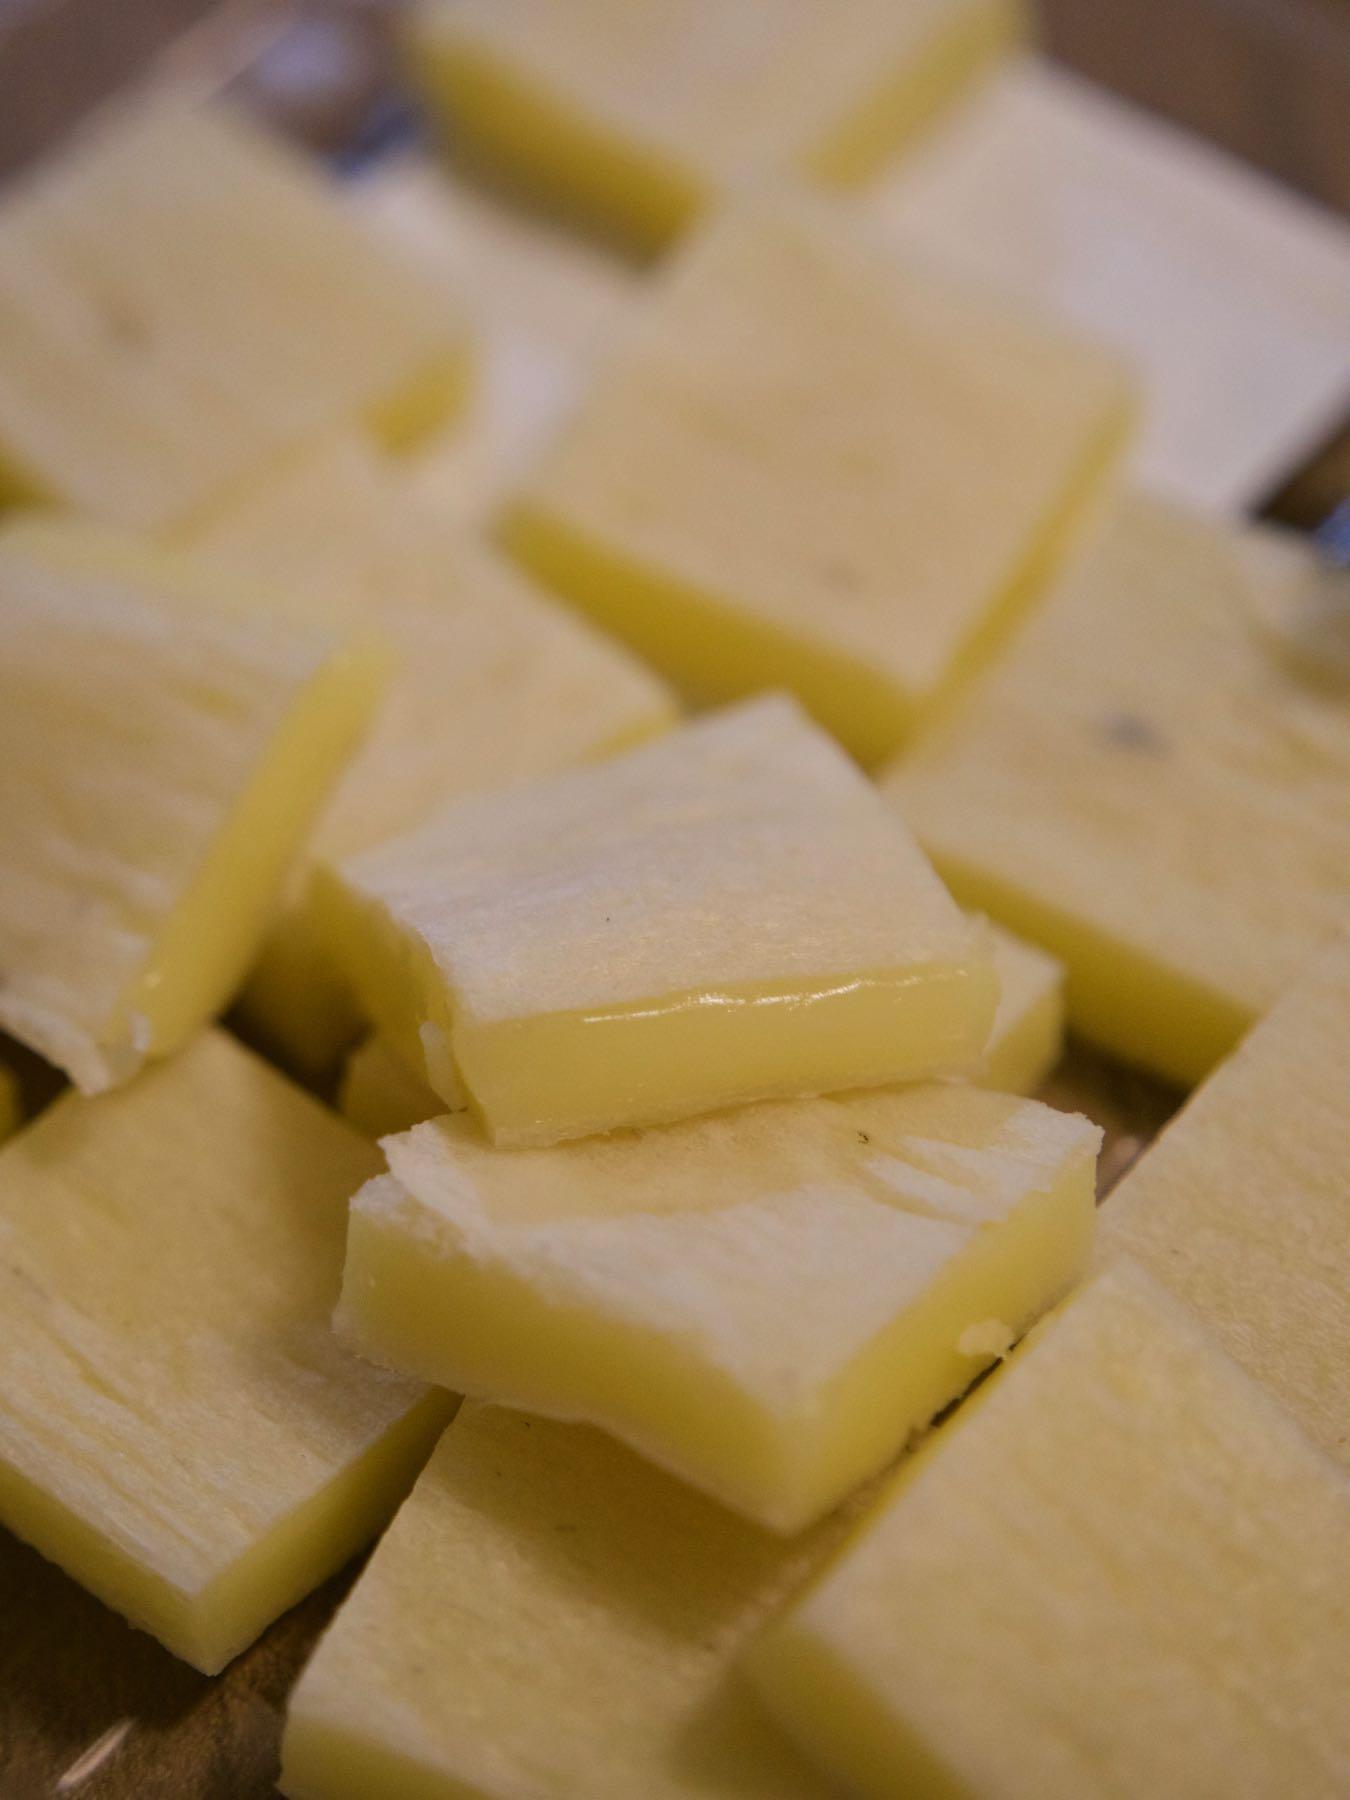 熟成チェダーチーズ、マジ旨い 撮影:DMC-GX8 + LEICA DG 12-60mm